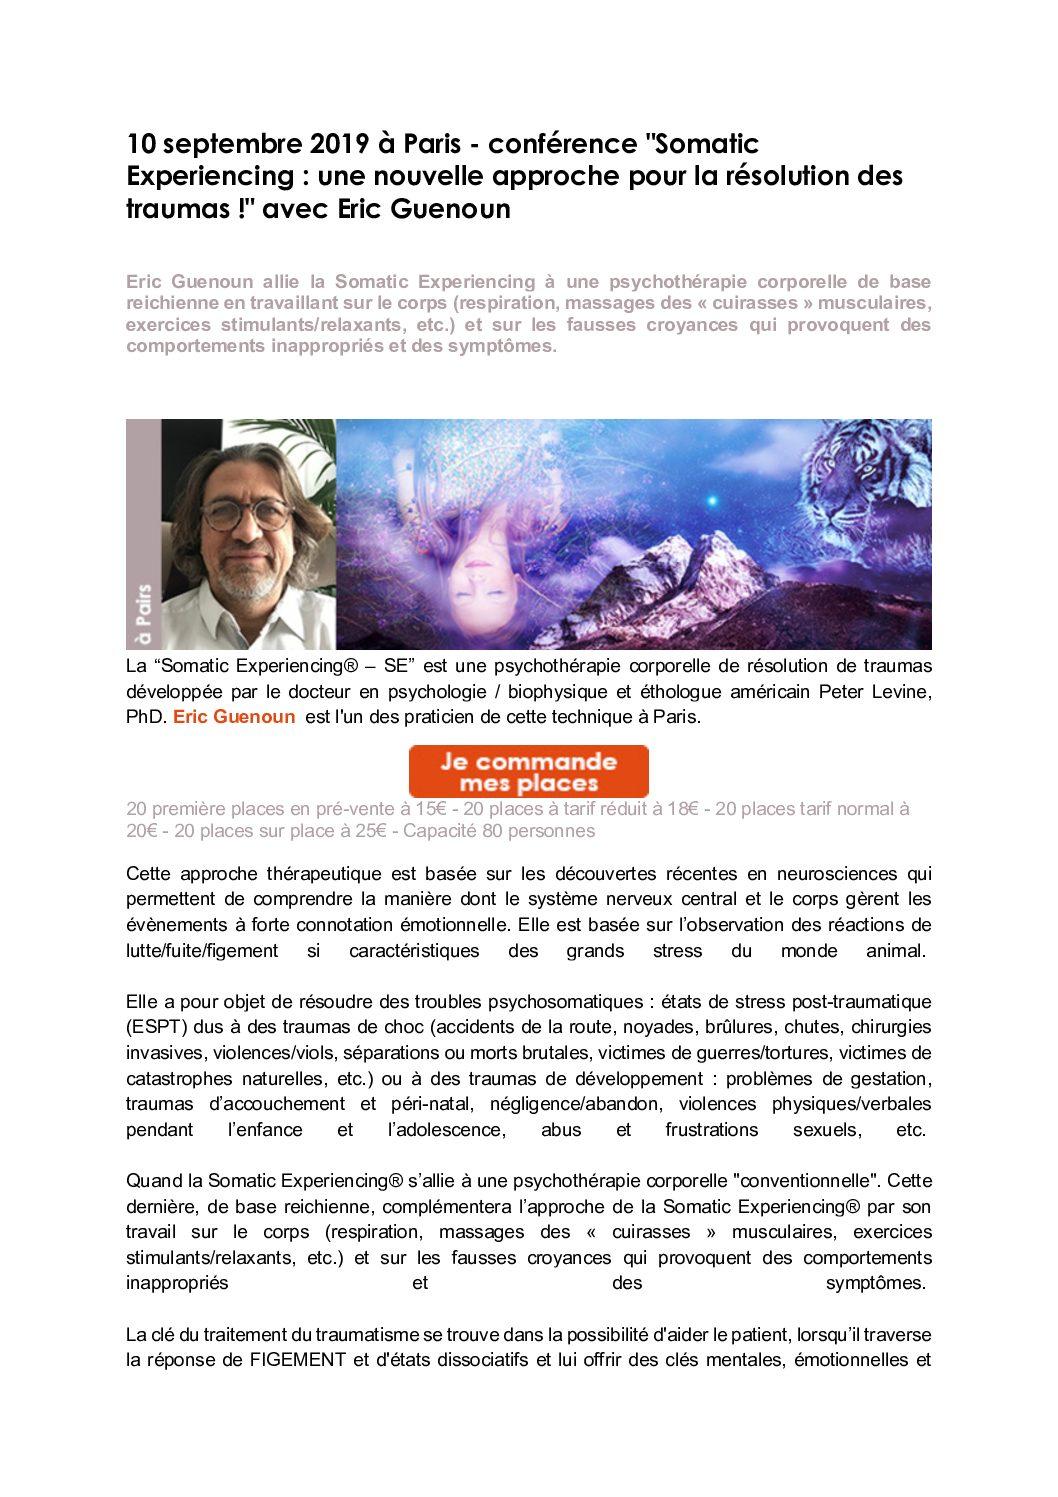 le 10 septembre à Paris, Conférence «Somatic Experiencing : une nouvelle approche pour la résolution des traumas!» Avec Eric Guenoun